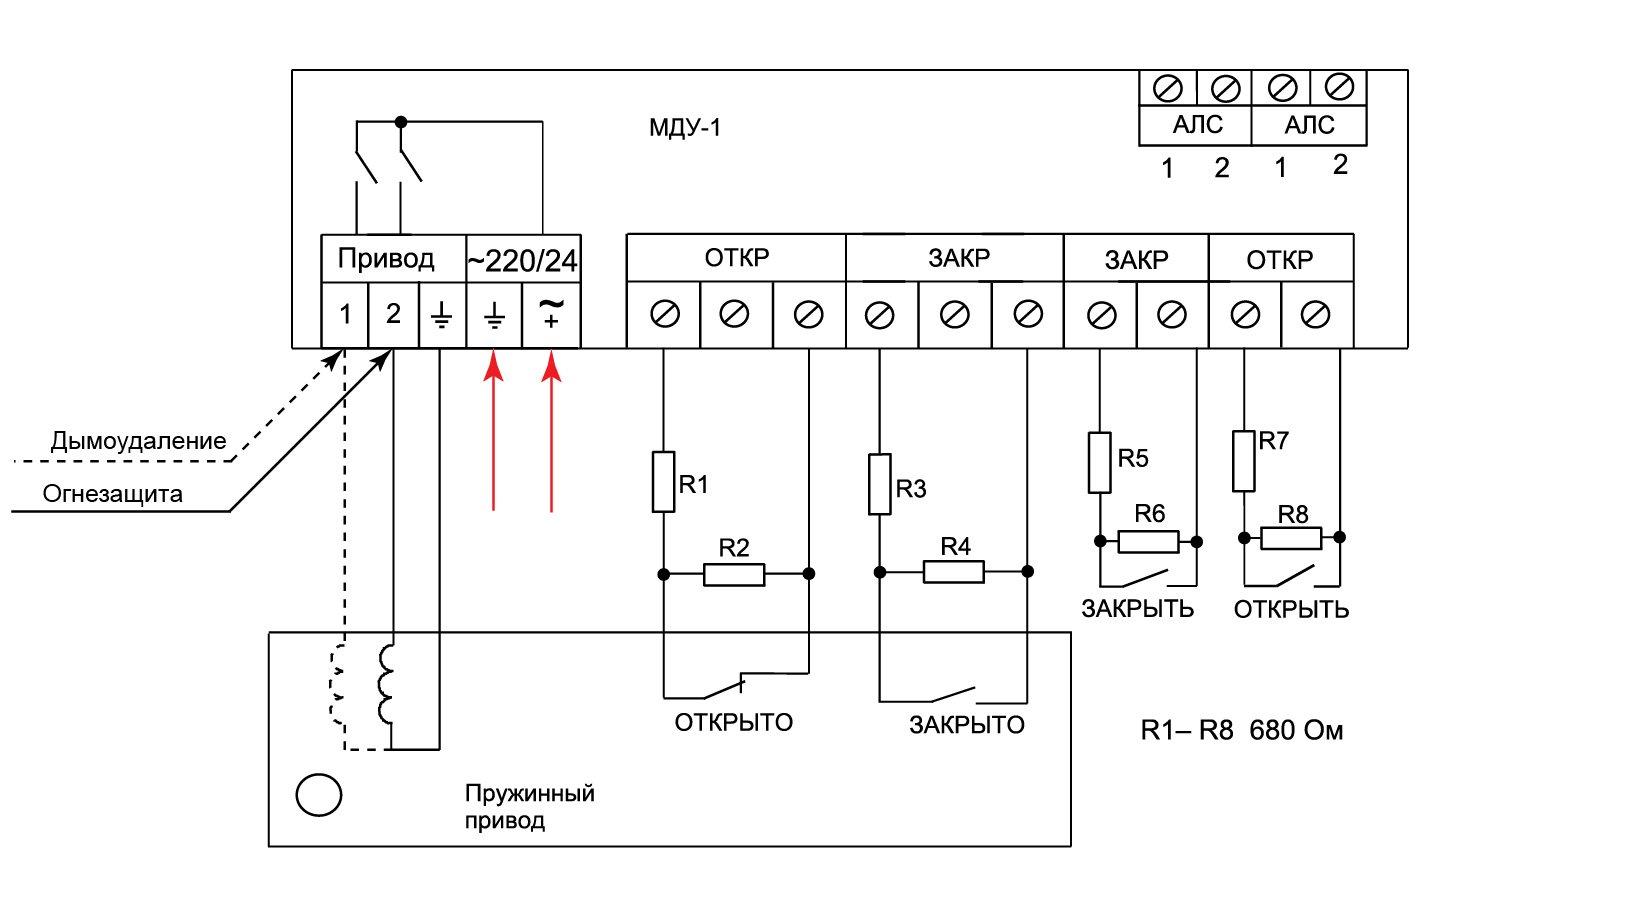 Схема подключения электропривода с возвратной пружиной к модулю МДУ-1 прот.R3